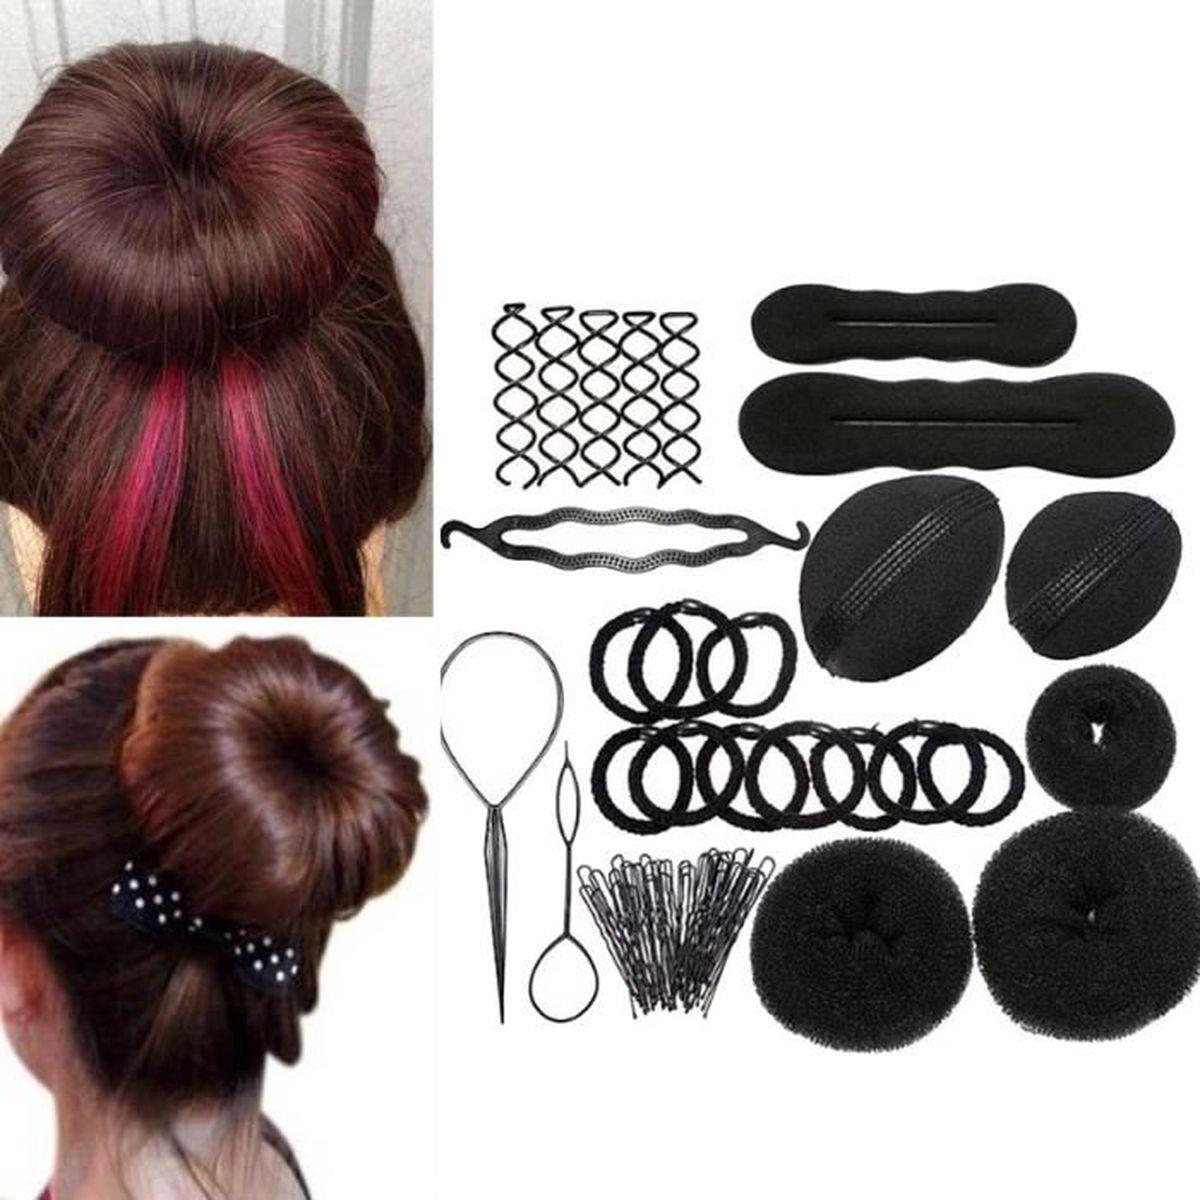 Accessoire cheveux chignon - Achat / Vente pas cher